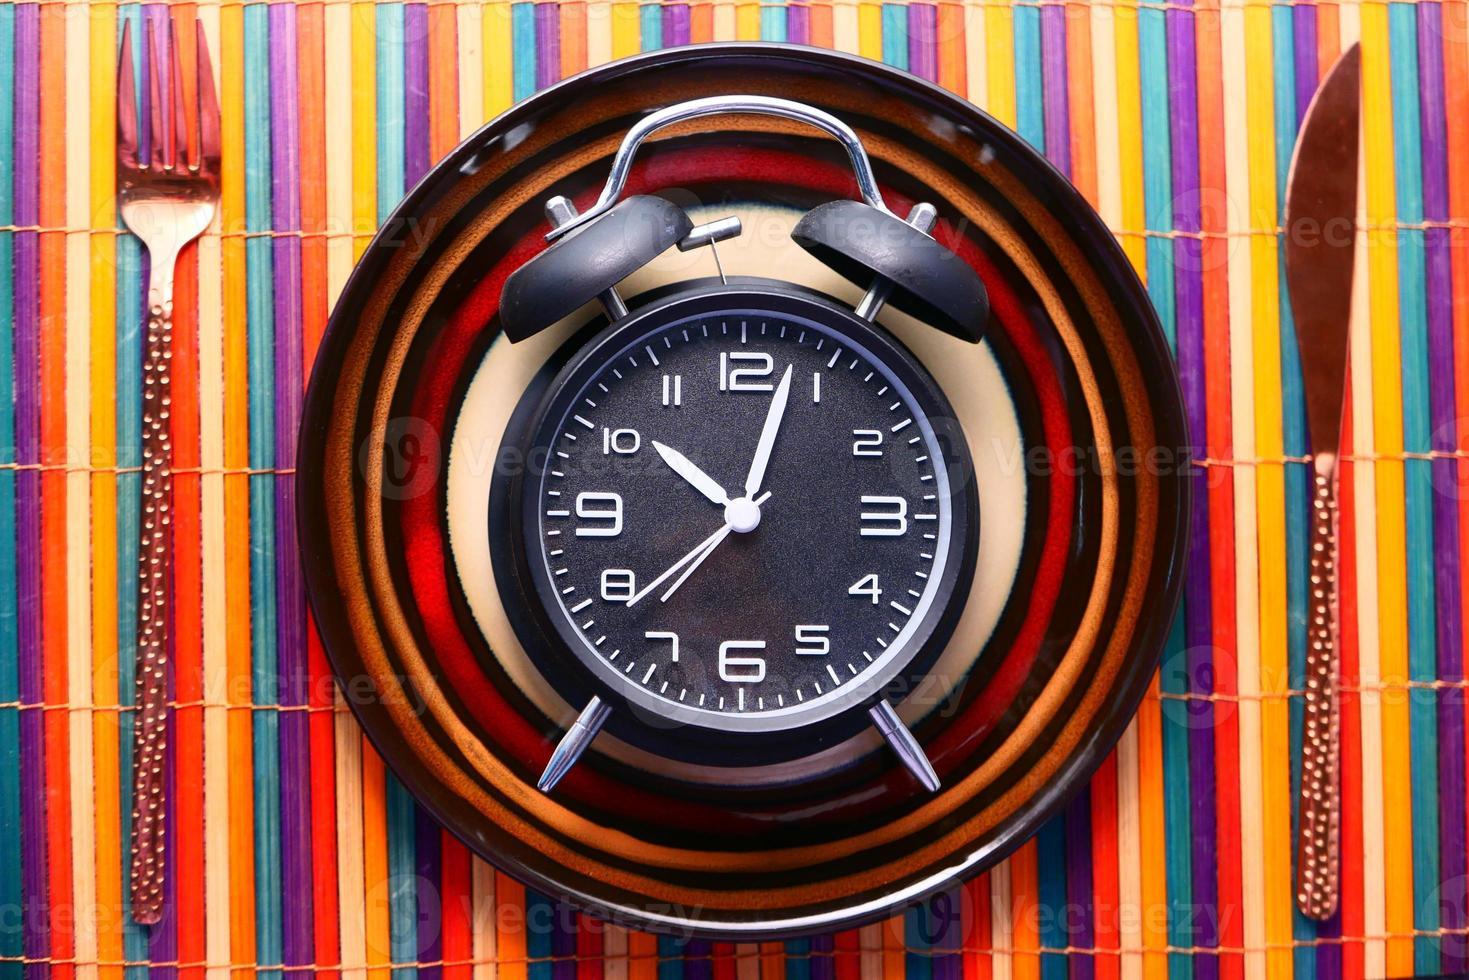 reloj despertador en placa foto